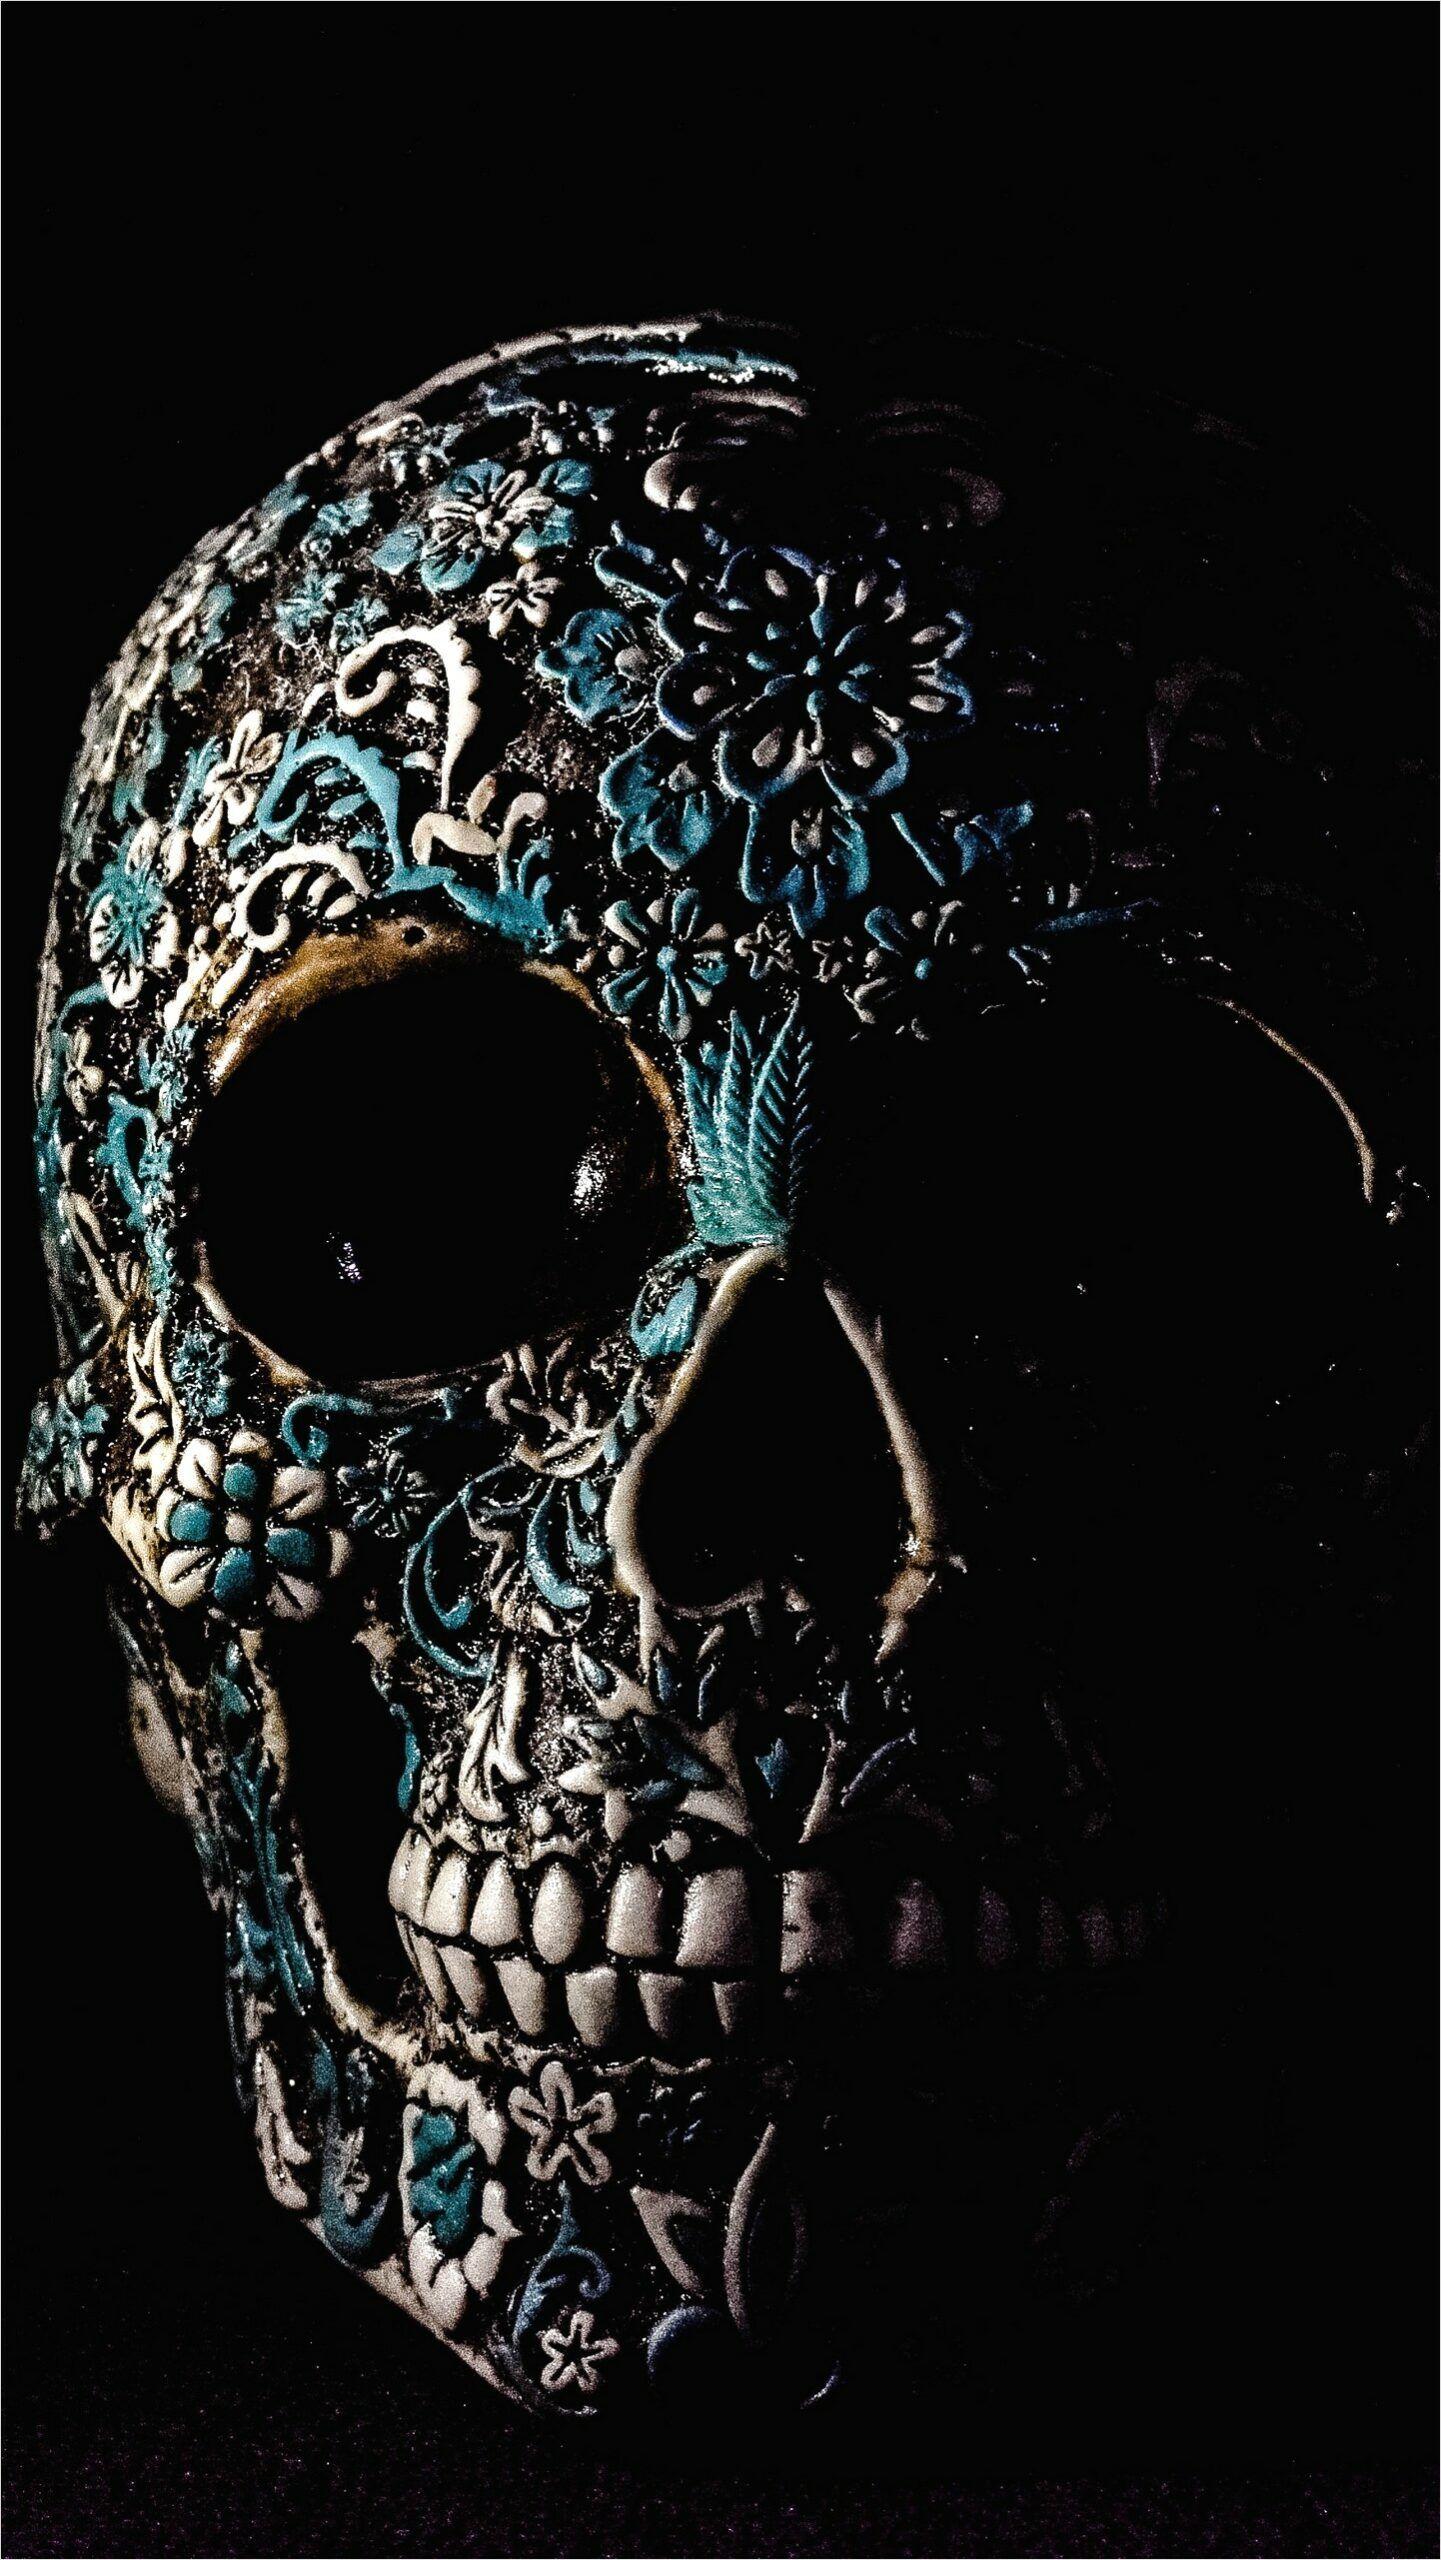 4k Skull Wallpapers For Note 10 En 2020 Aves Tropicales Dia De Los Muertos Cristianos